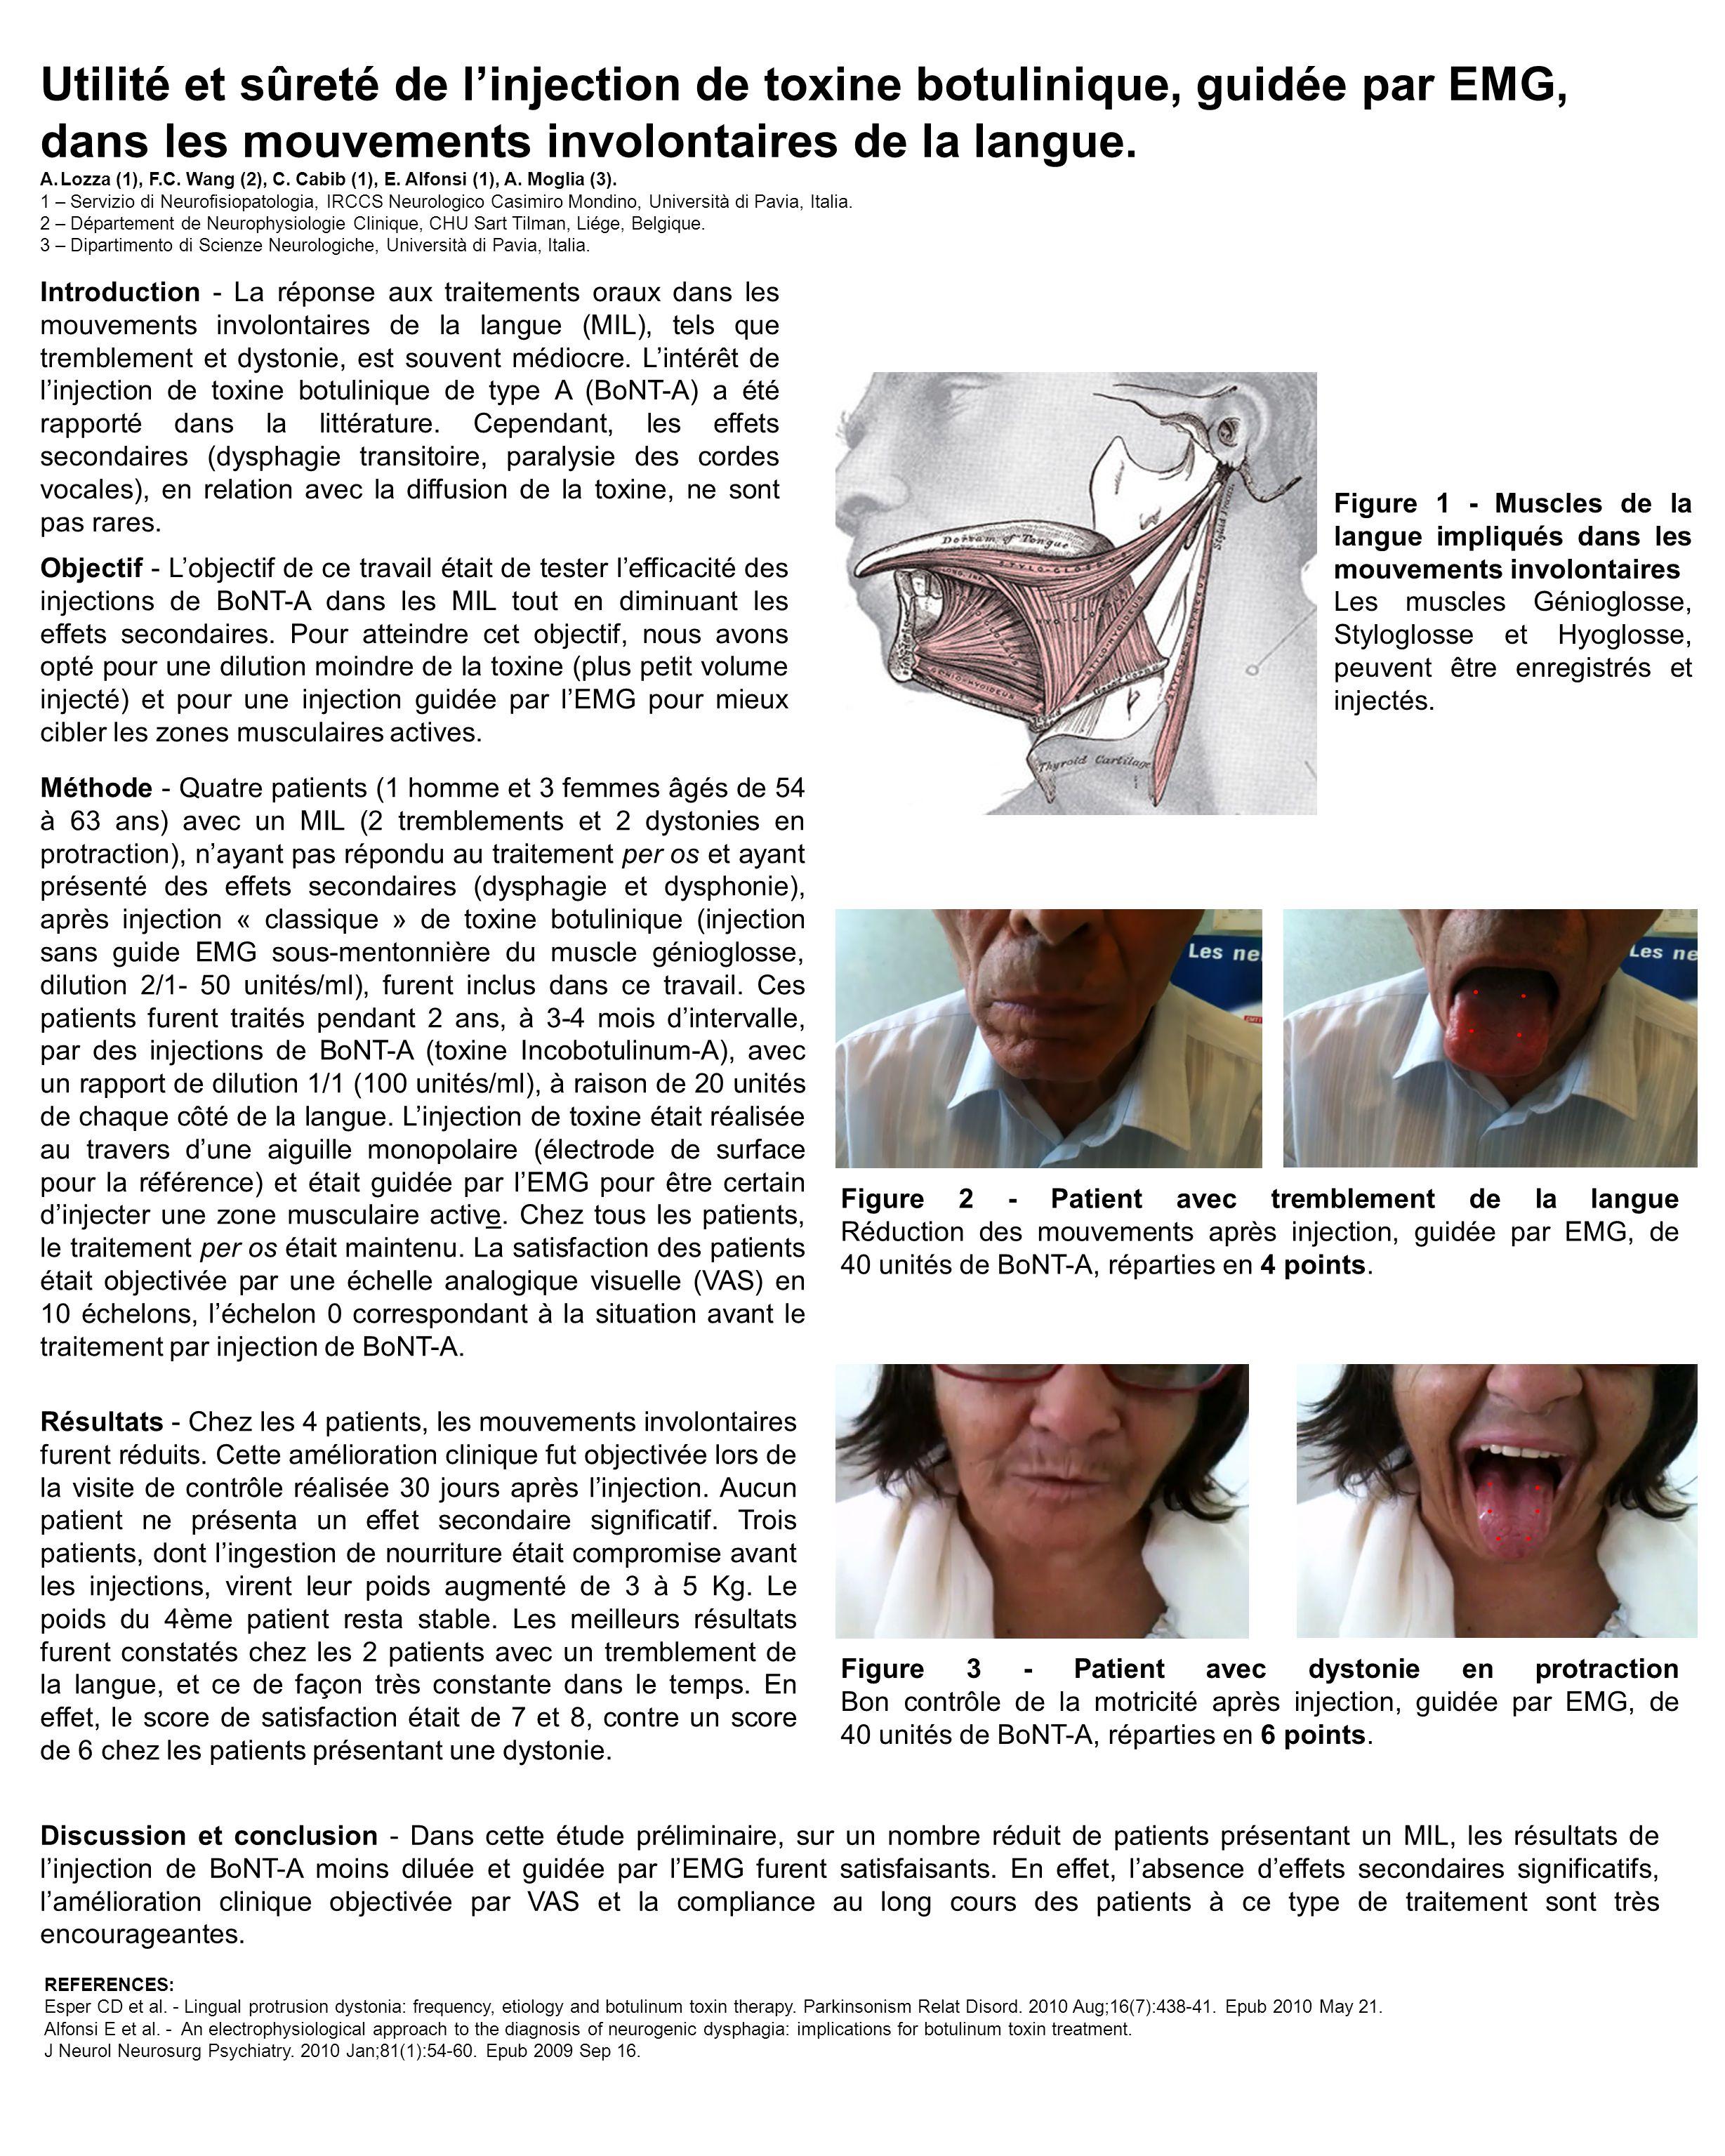 Utilité et sûreté de l'injection de toxine botulinique, guidée par EMG, dans les mouvements involontaires de la langue. A.Lozza (1), F.C. Wang (2), C.